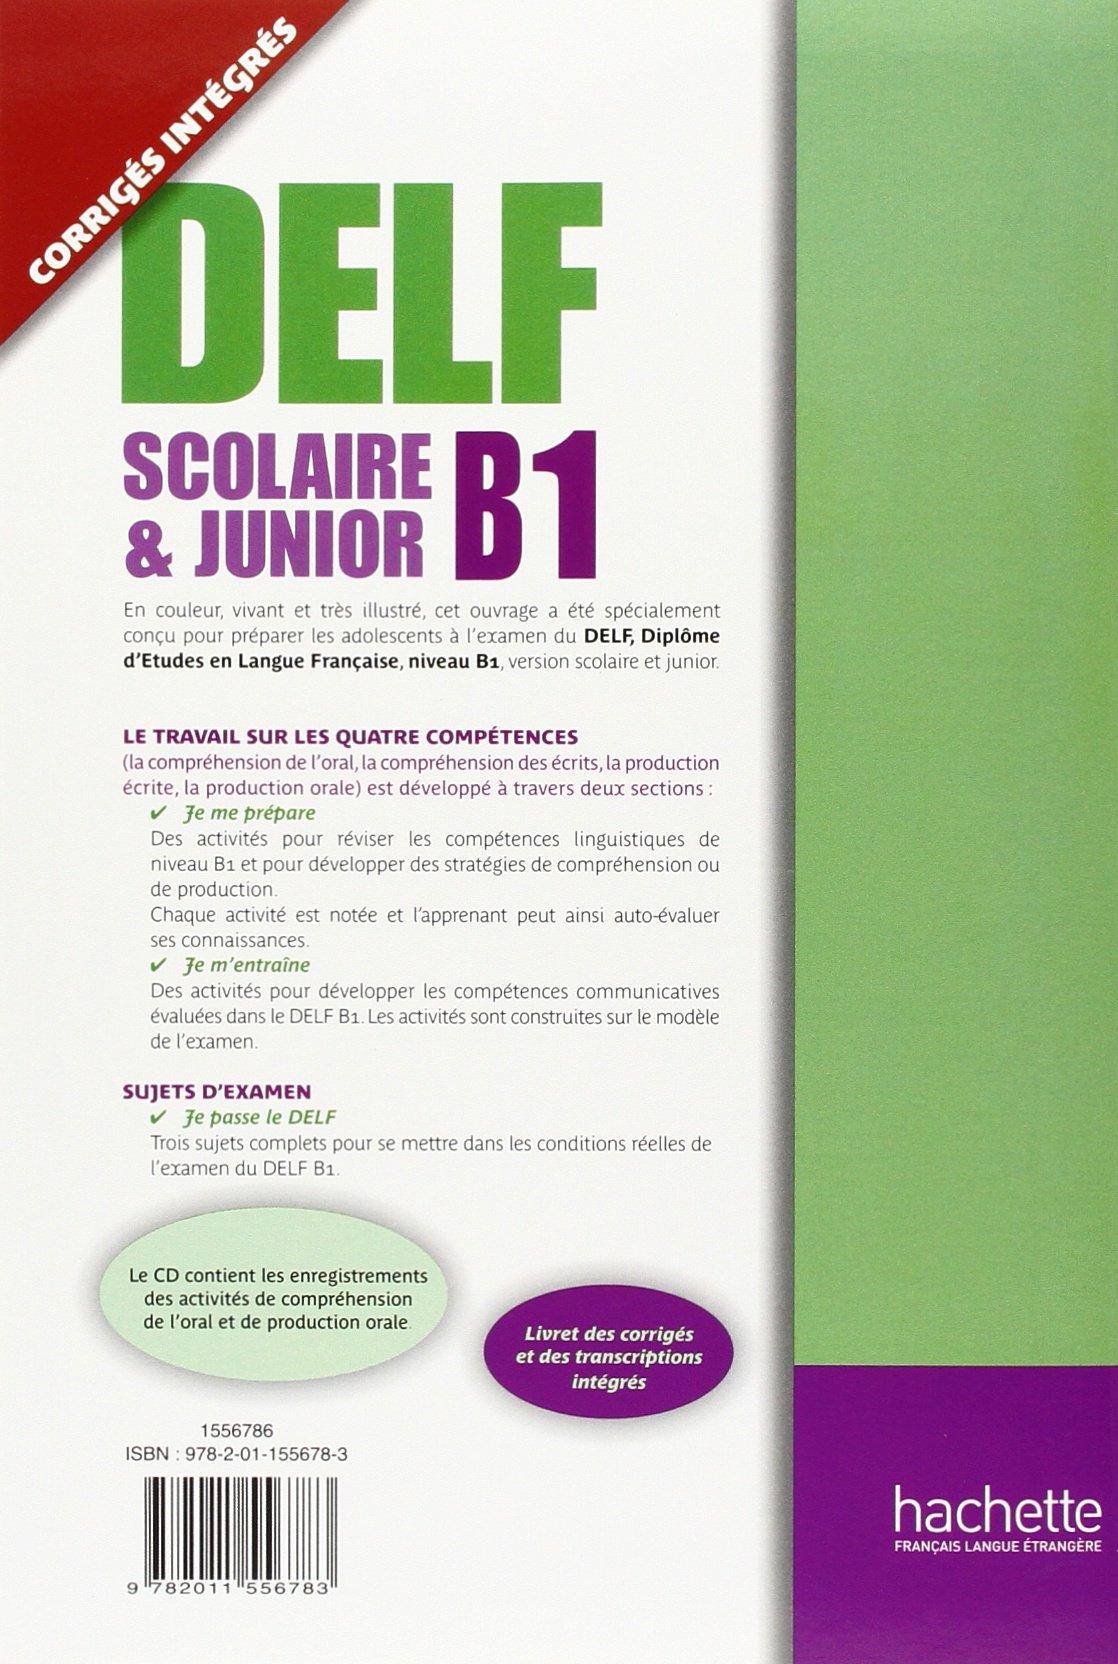 Delf Scolaire Et Junior B1 Livre de LEleve + CD Audio (English and French Edition): Caroline Veltcheff, Veltcheff: 9782011556783: Amazon.com: Books